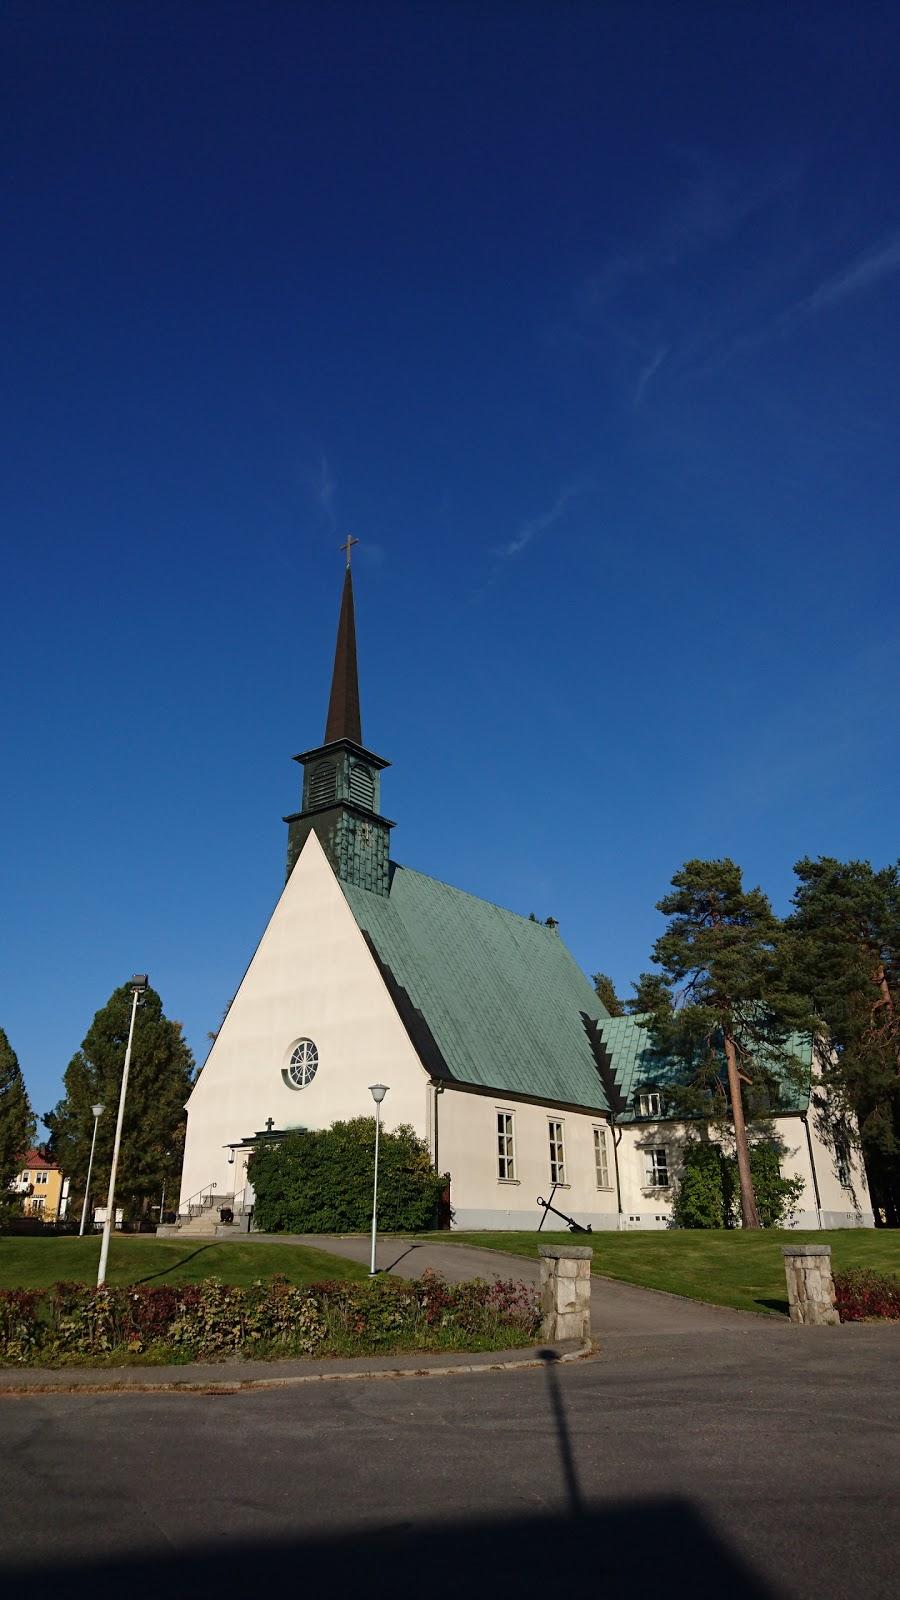 Bureå kyrka